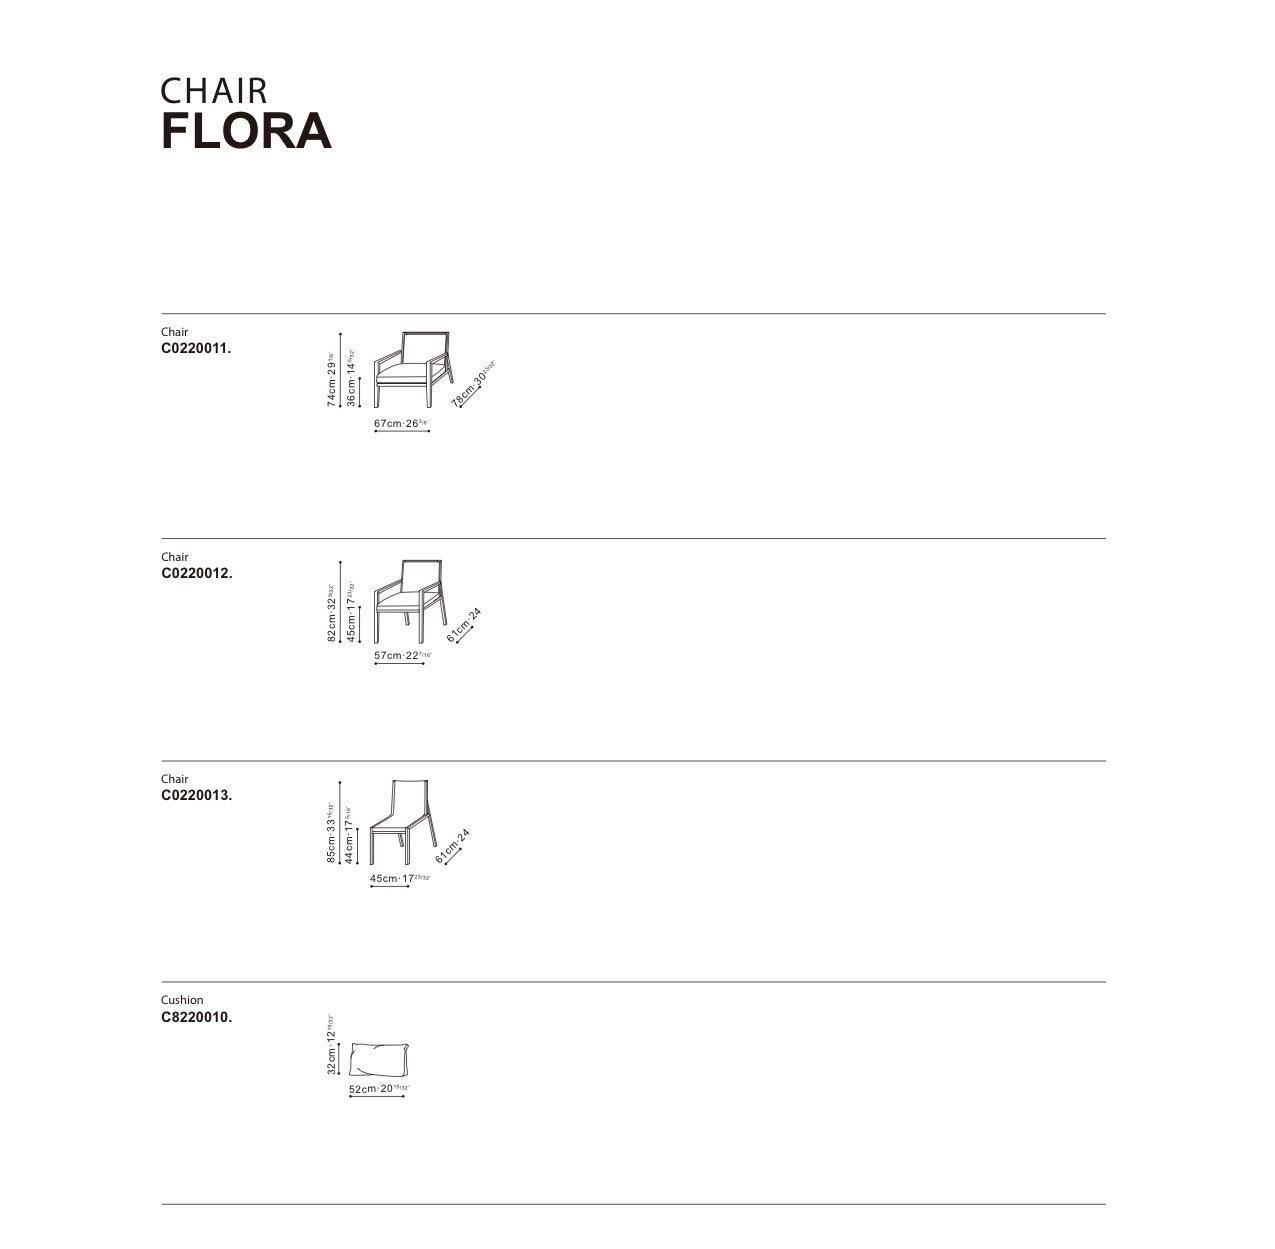 flora.jpeg